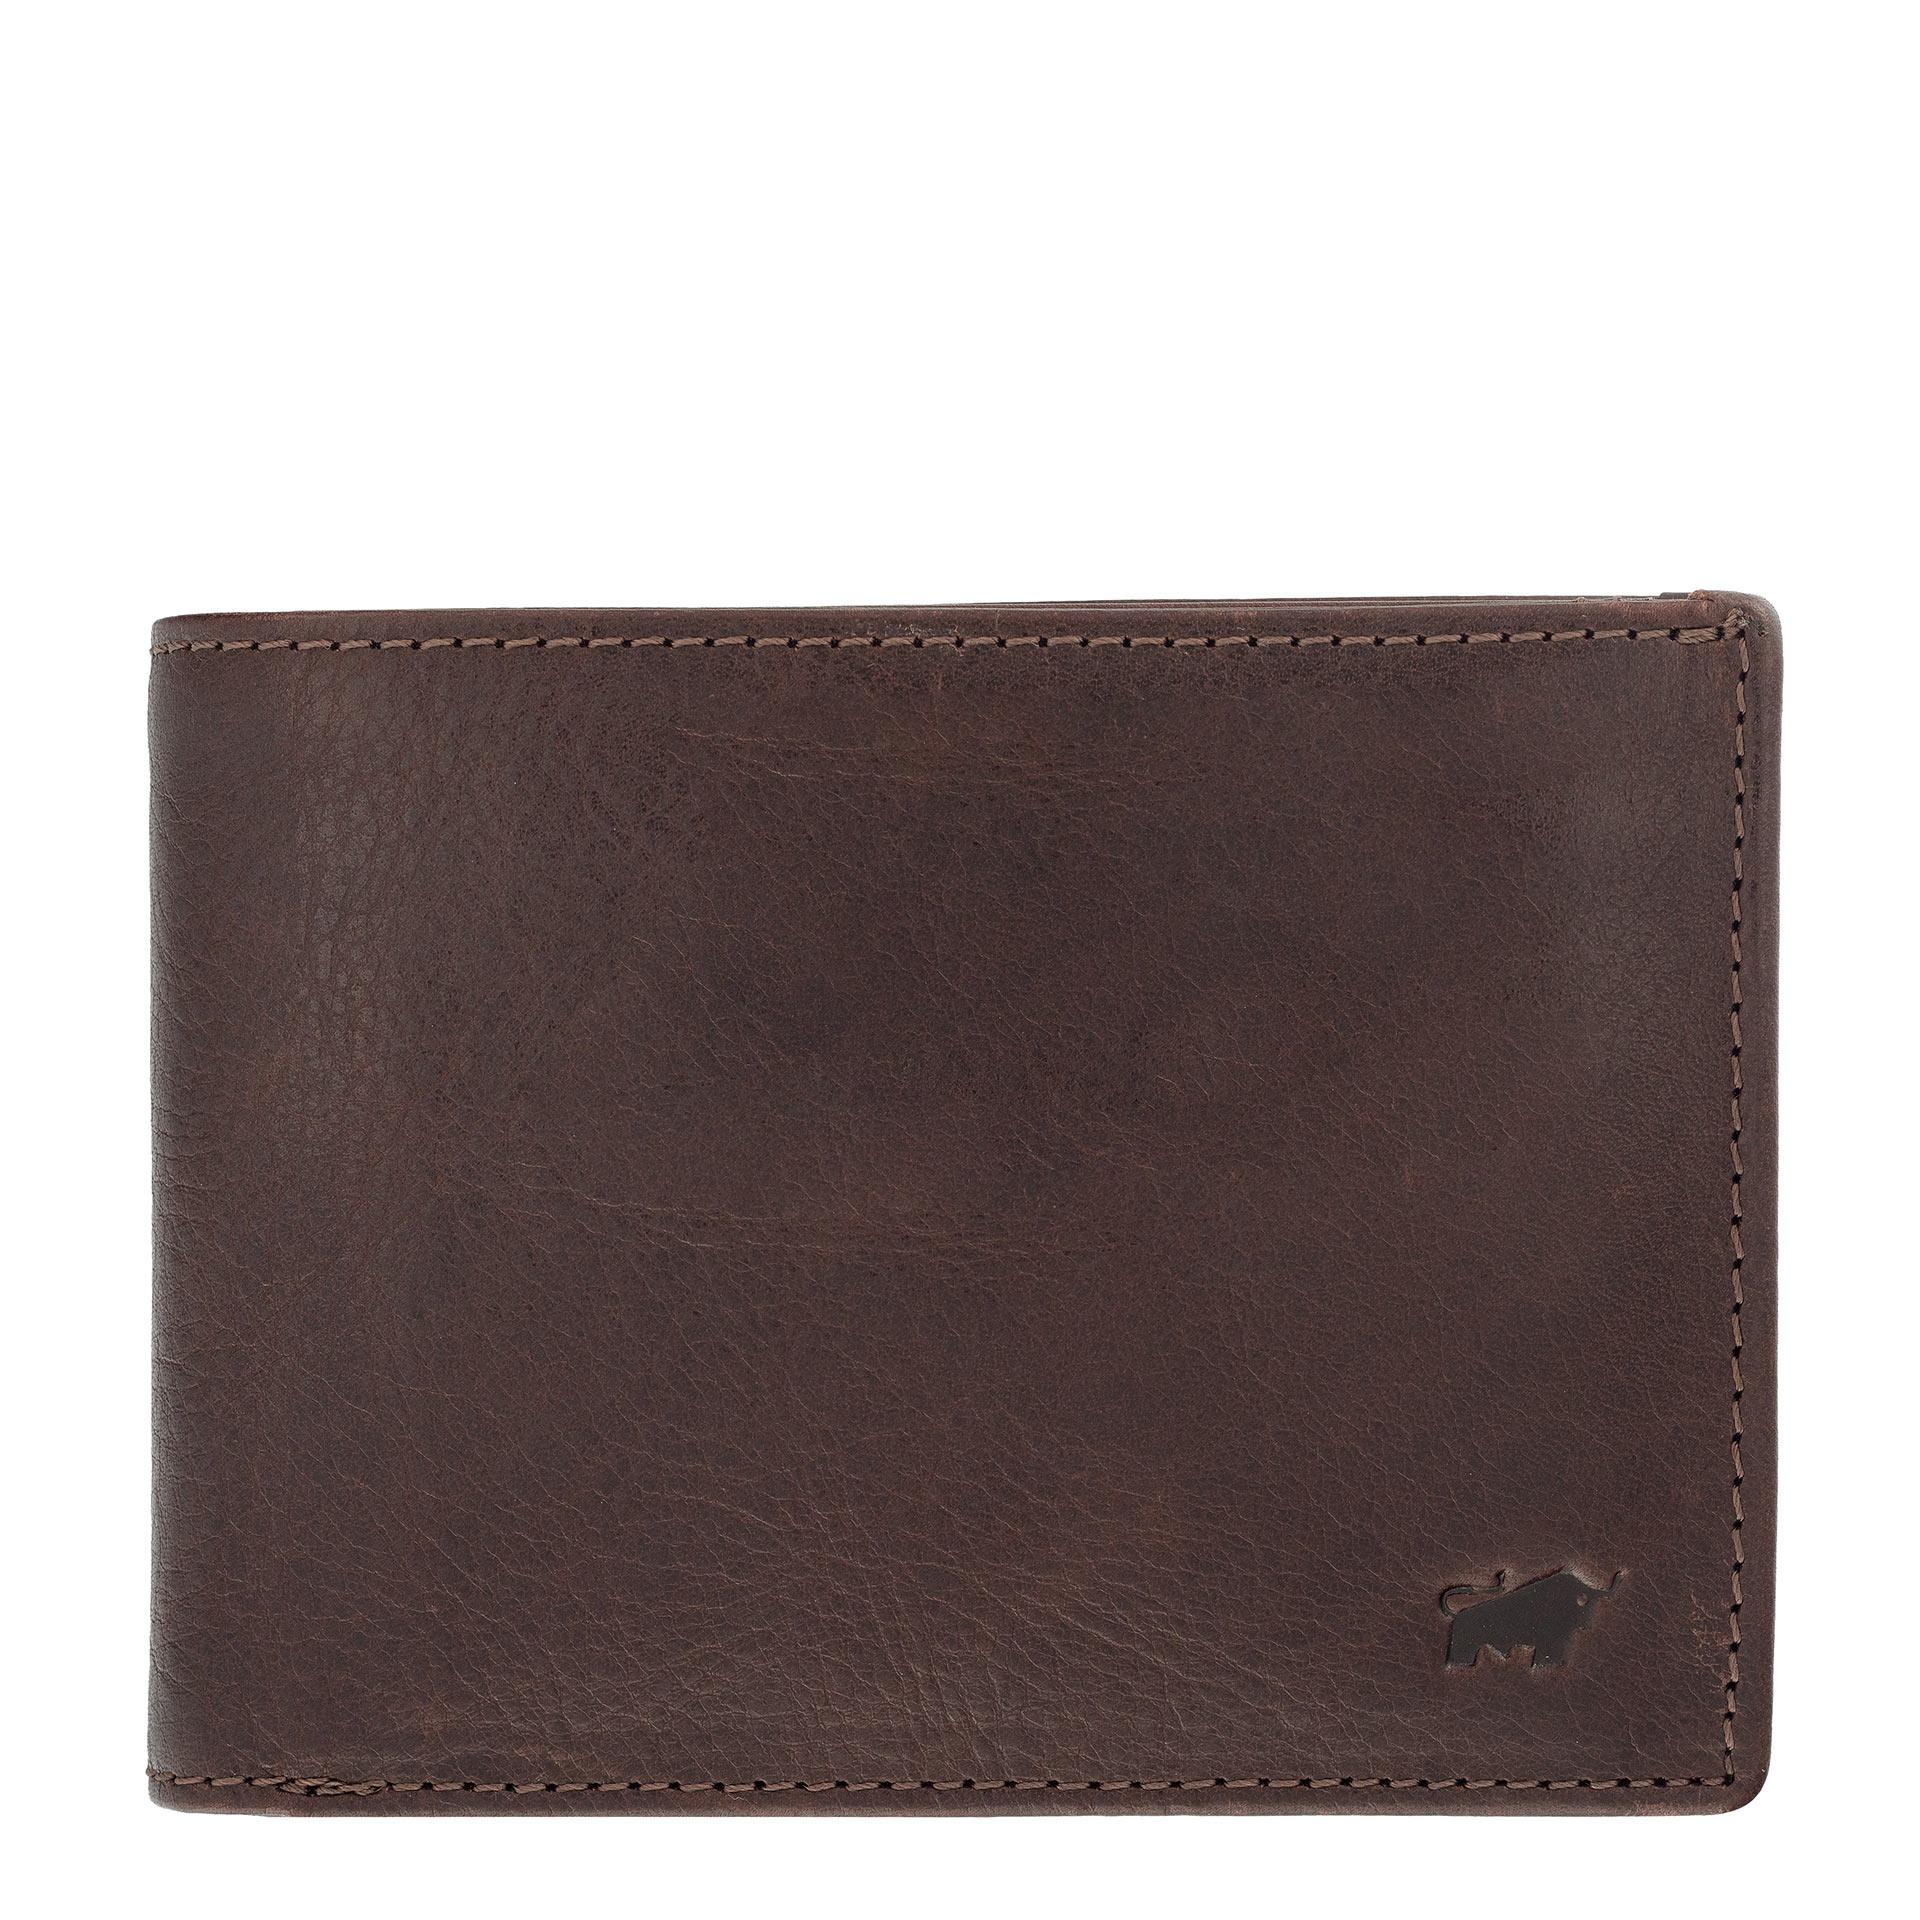 Braun Büffel Arezzo RFID Geldbörse 9CS braun